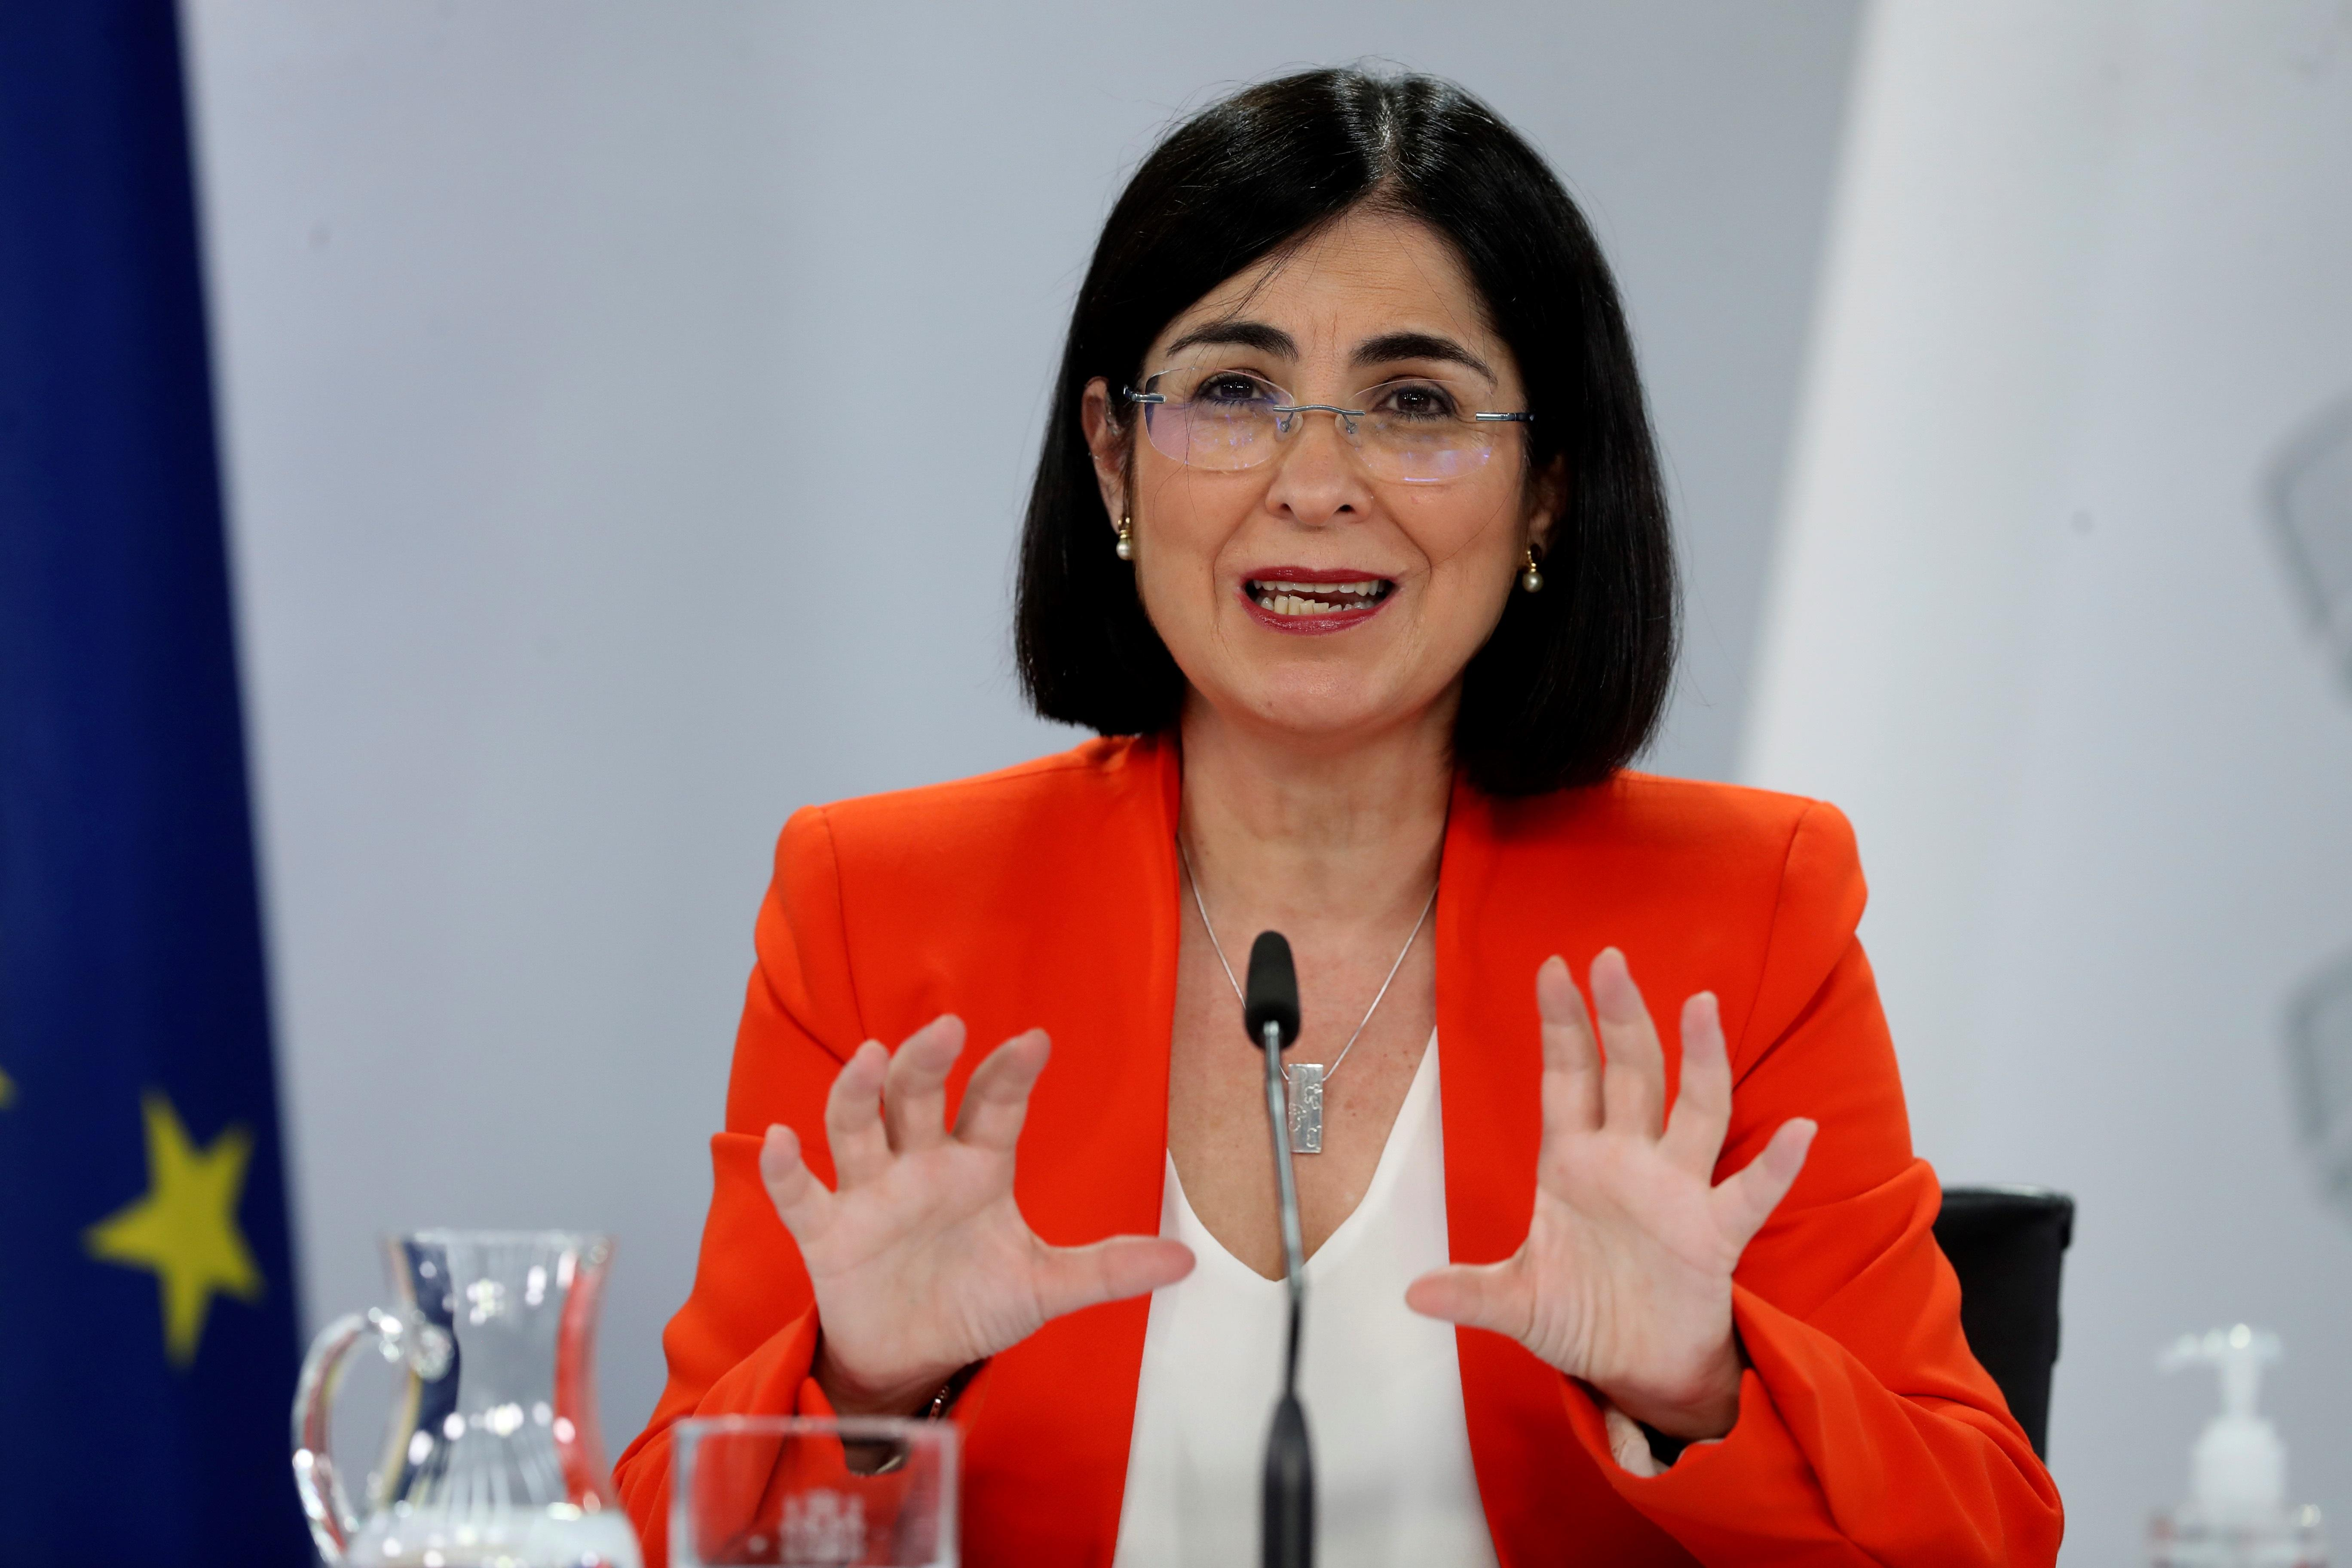 La ministra de Sanidad,  Carolina Darias, durante la rueda de prensa tras el último Consejo Intererritorial.